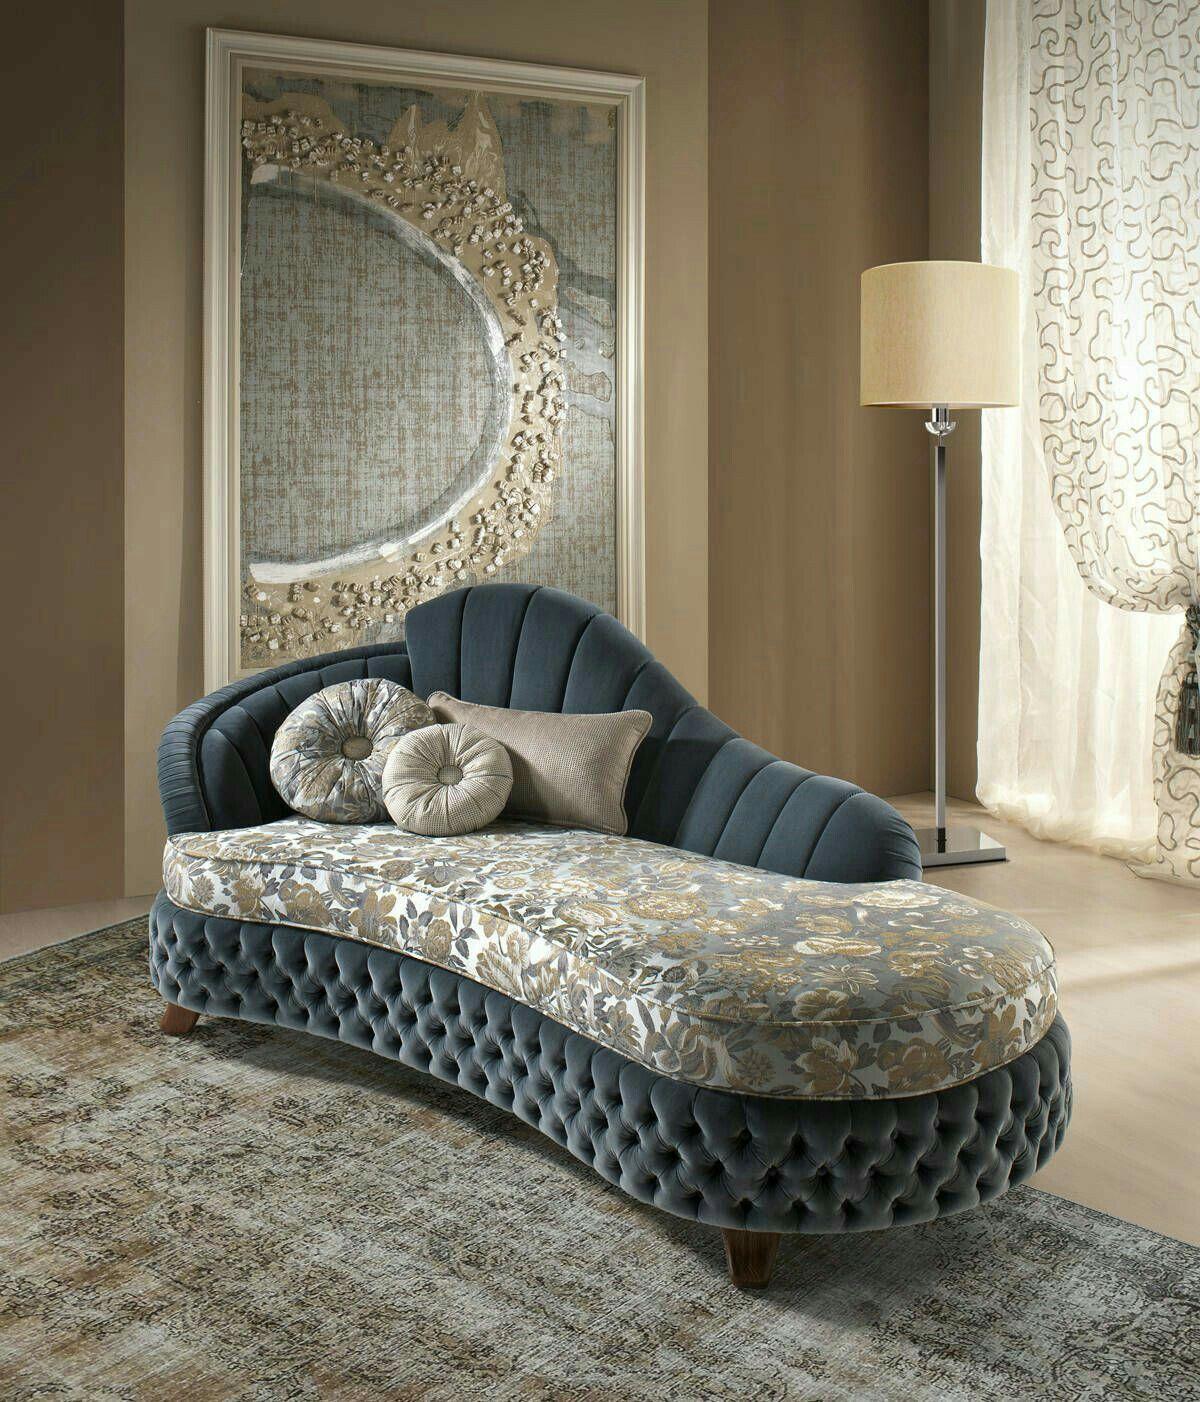 Pin By محمد On Bᴀᴅʀᴏᴏᴍs Cᴏʟʟᴇᴄᴛɪᴏɴ Classic Sofa Designs Modern Sofa Designs Bed Furniture Design